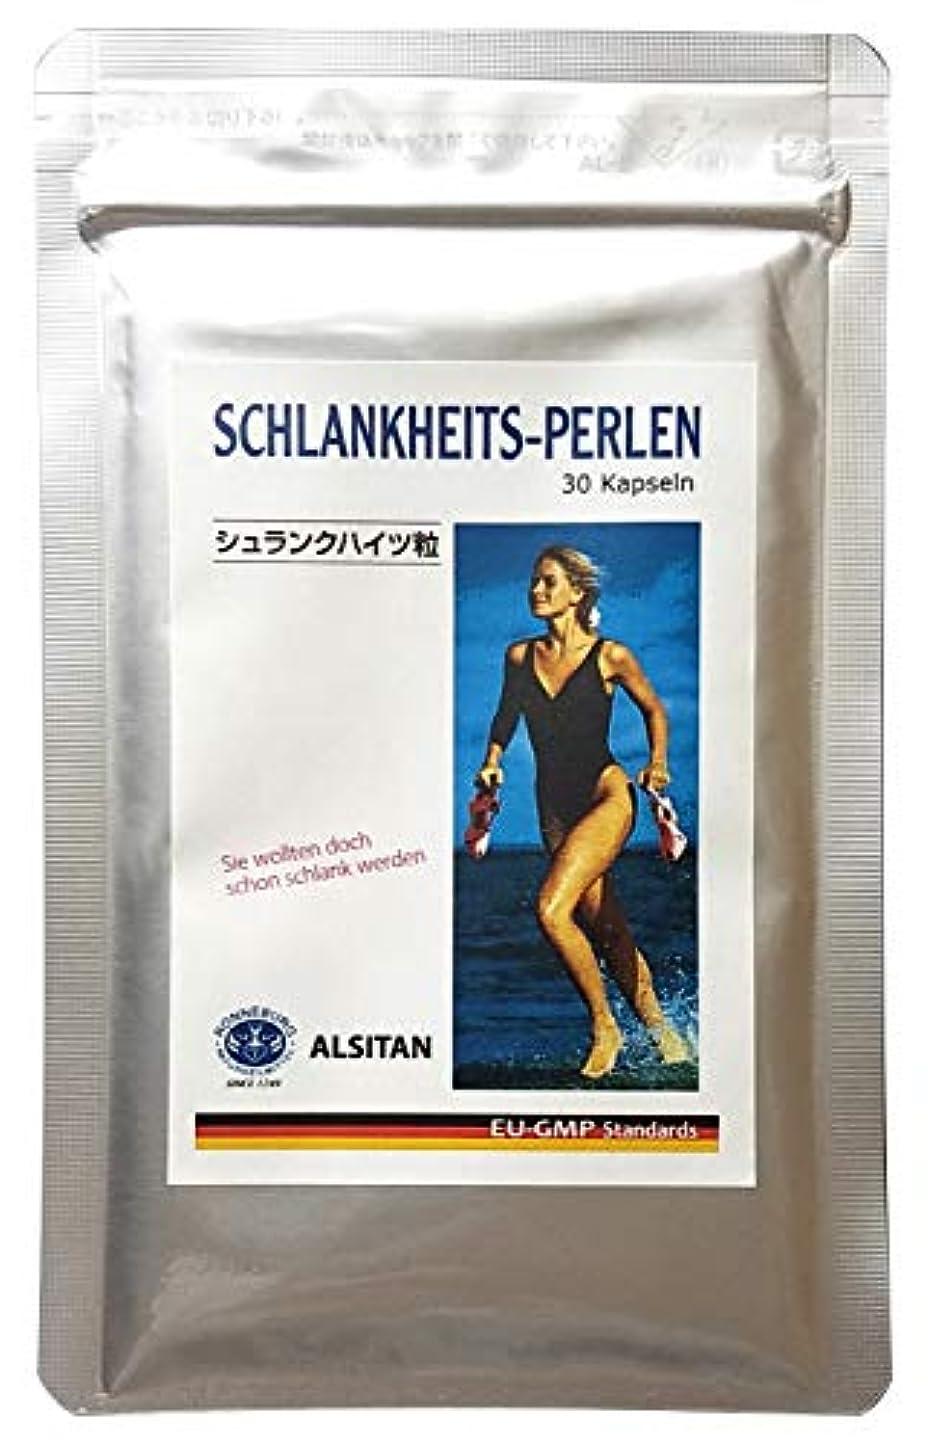 ステップ登る安定したシュランクハイツ粒 30粒 ダイエットサプリメント